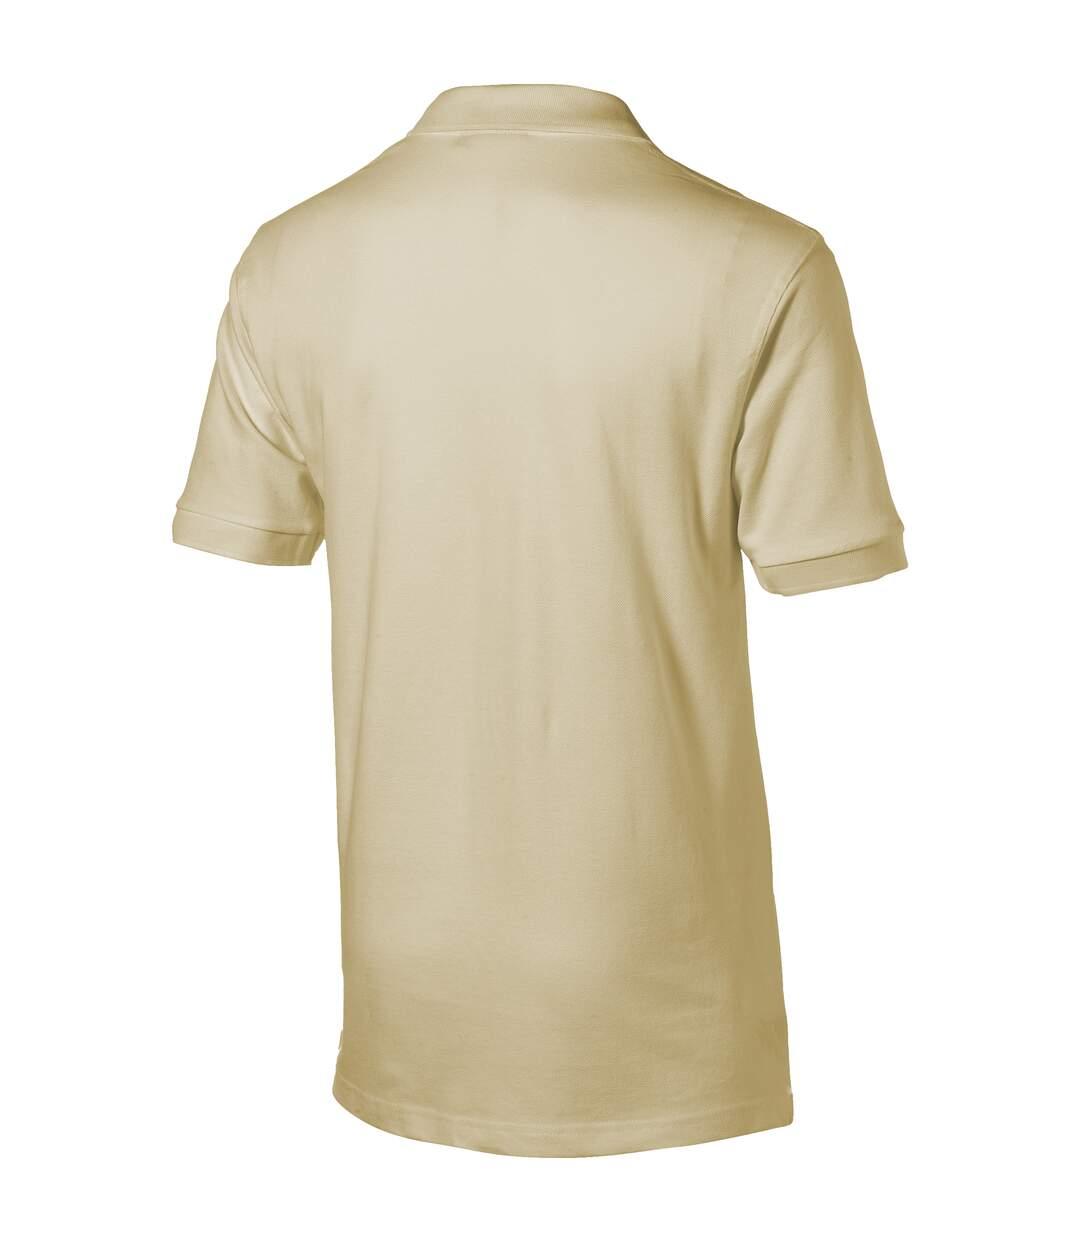 Slazenger Mens Forehand Short Sleeve Polo (Khaki) - UTPF1800